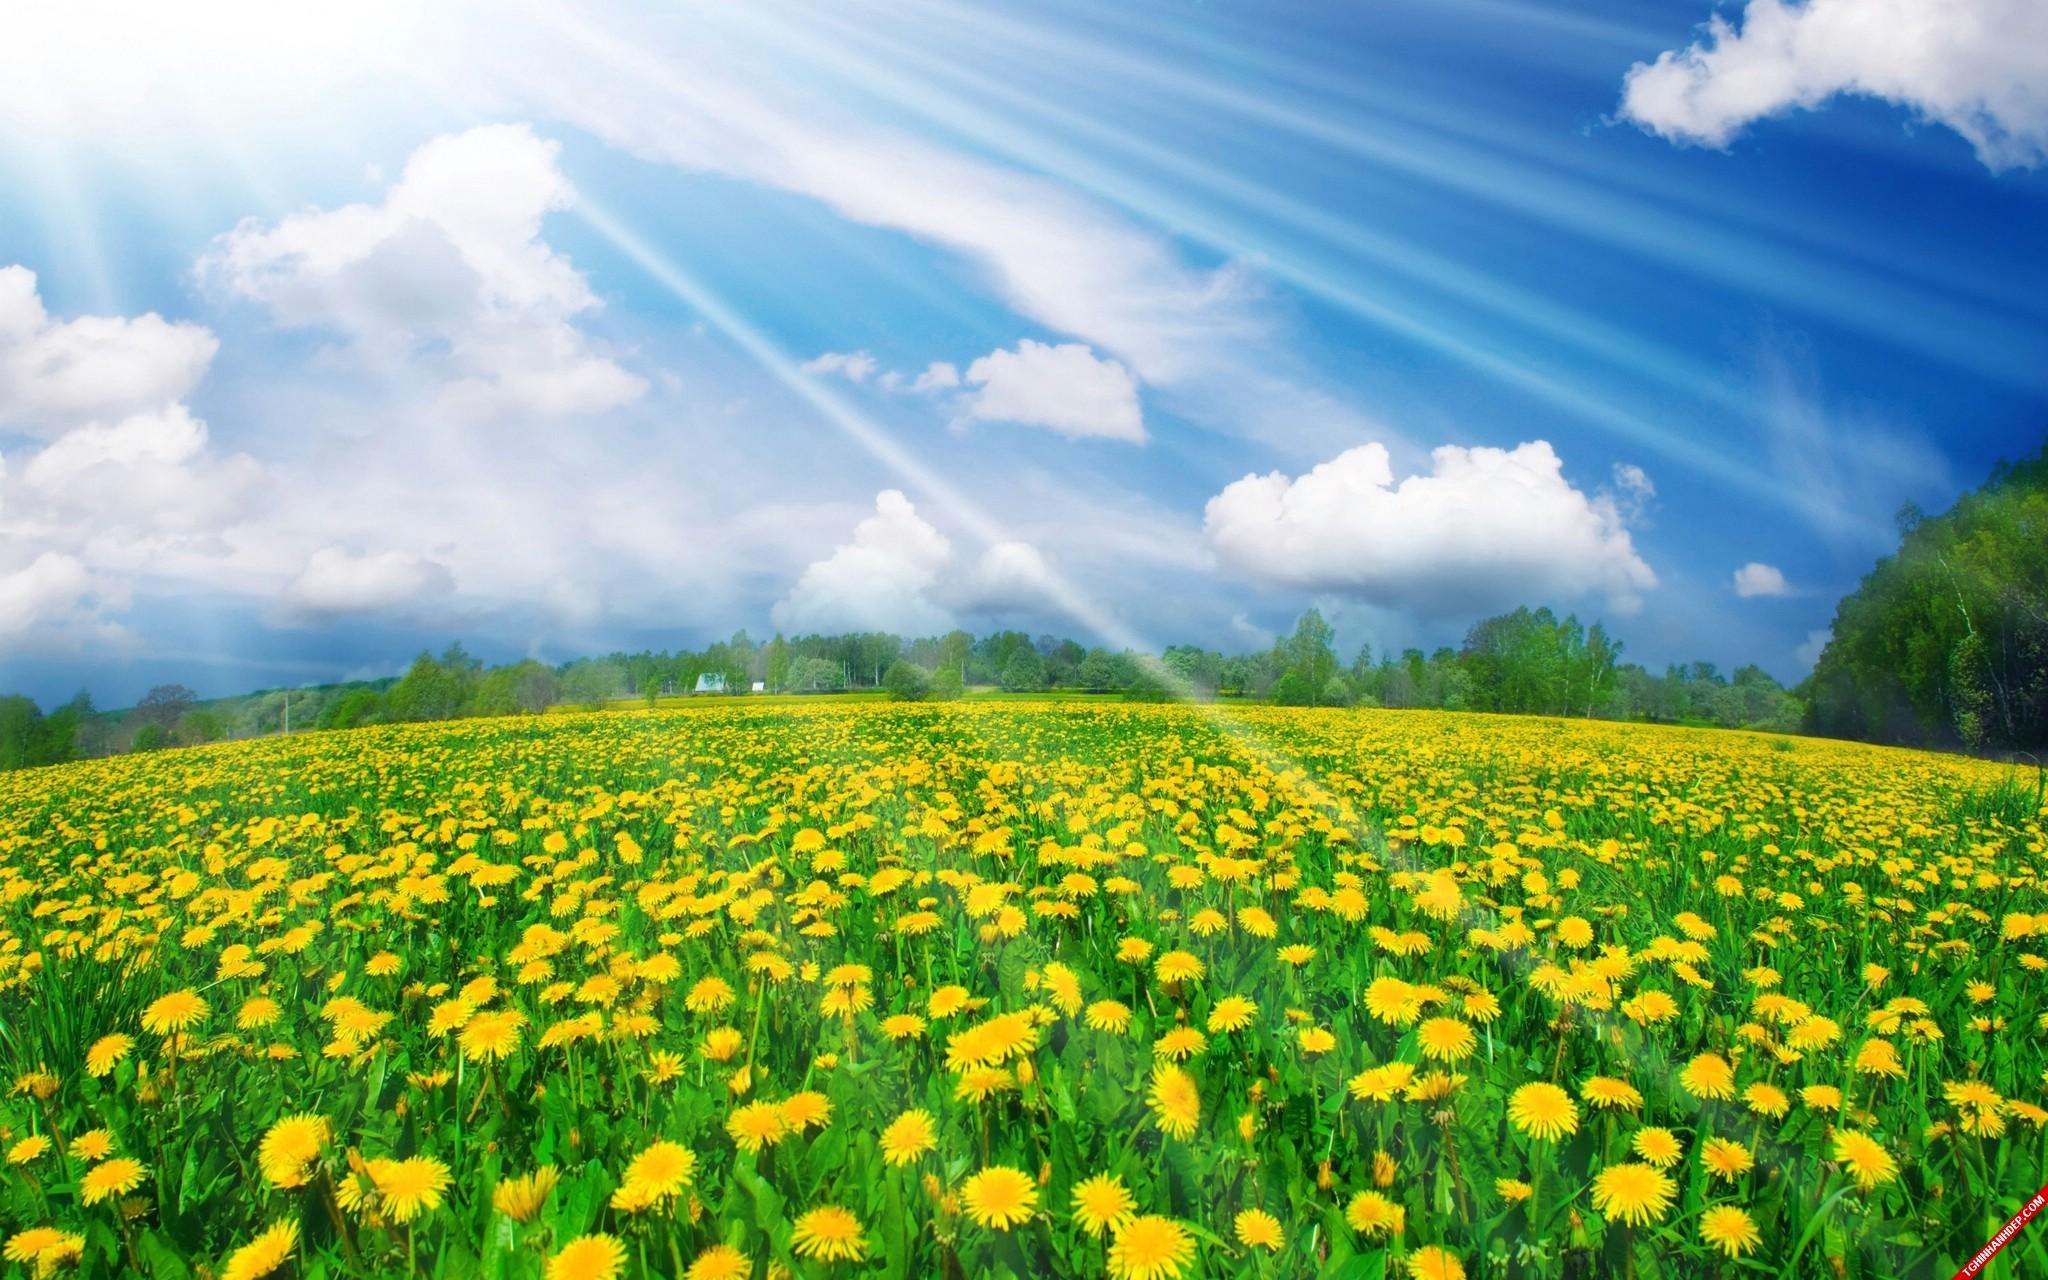 Một bức ảnh xanh lá lẫn xanh dương hòa trong ánh nắng thật nên thơ trong cánh đồng hoa vàng bát ngát